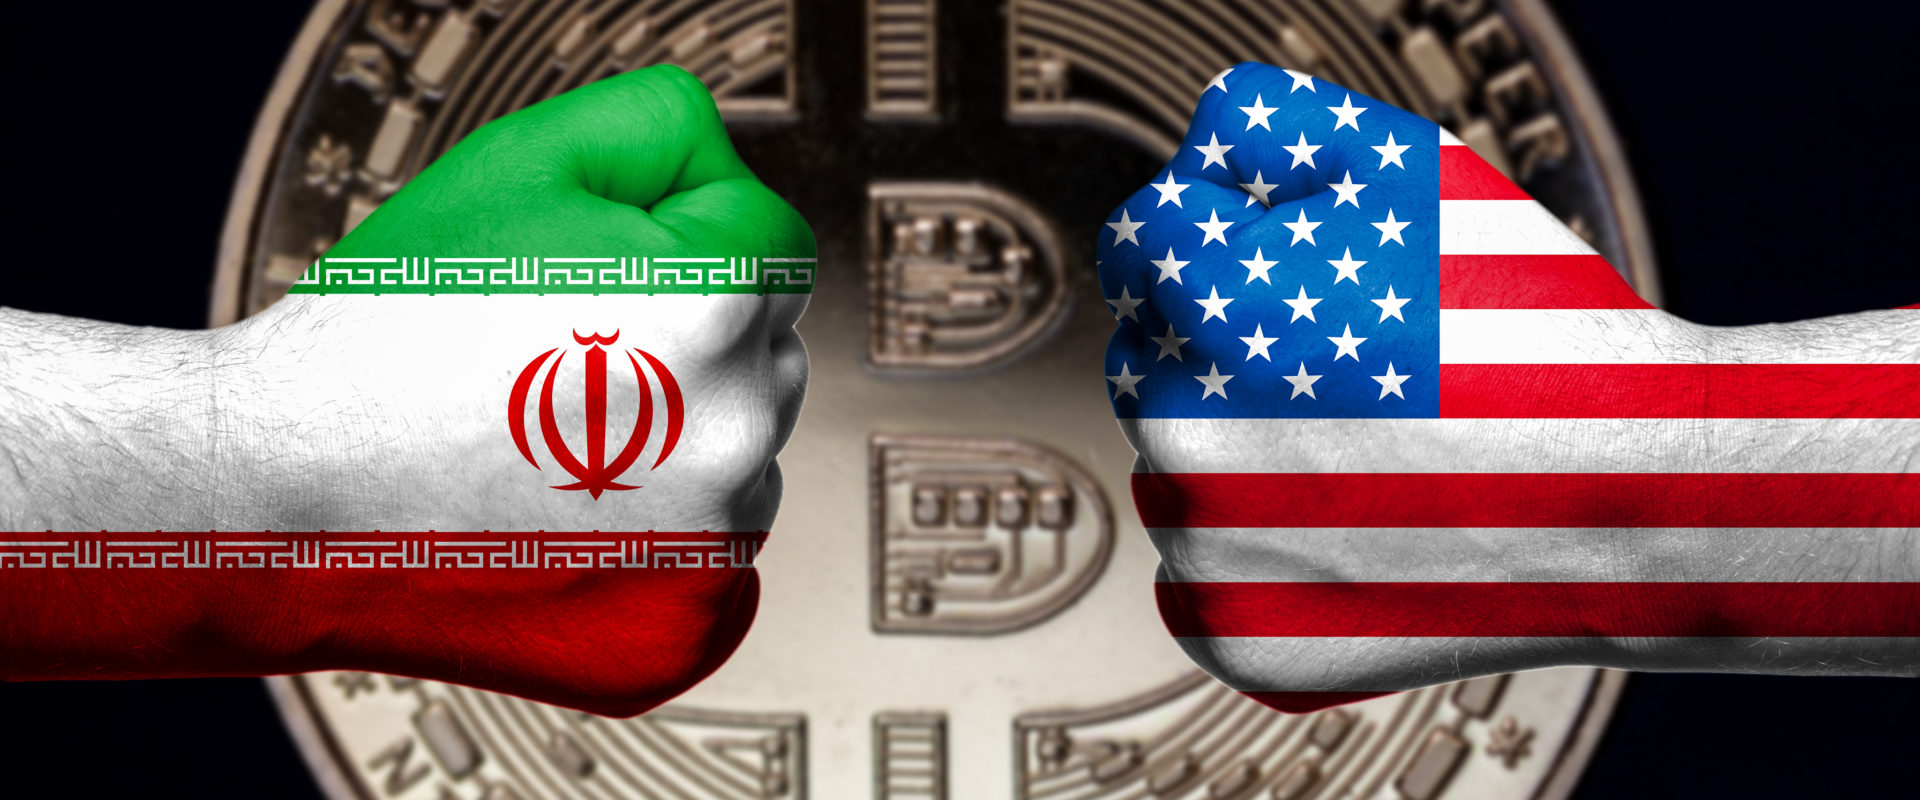 افزایش قیمت بیت کوین و دیگر رمز ارزها در پی تشدید تنشها در خاورمیانه